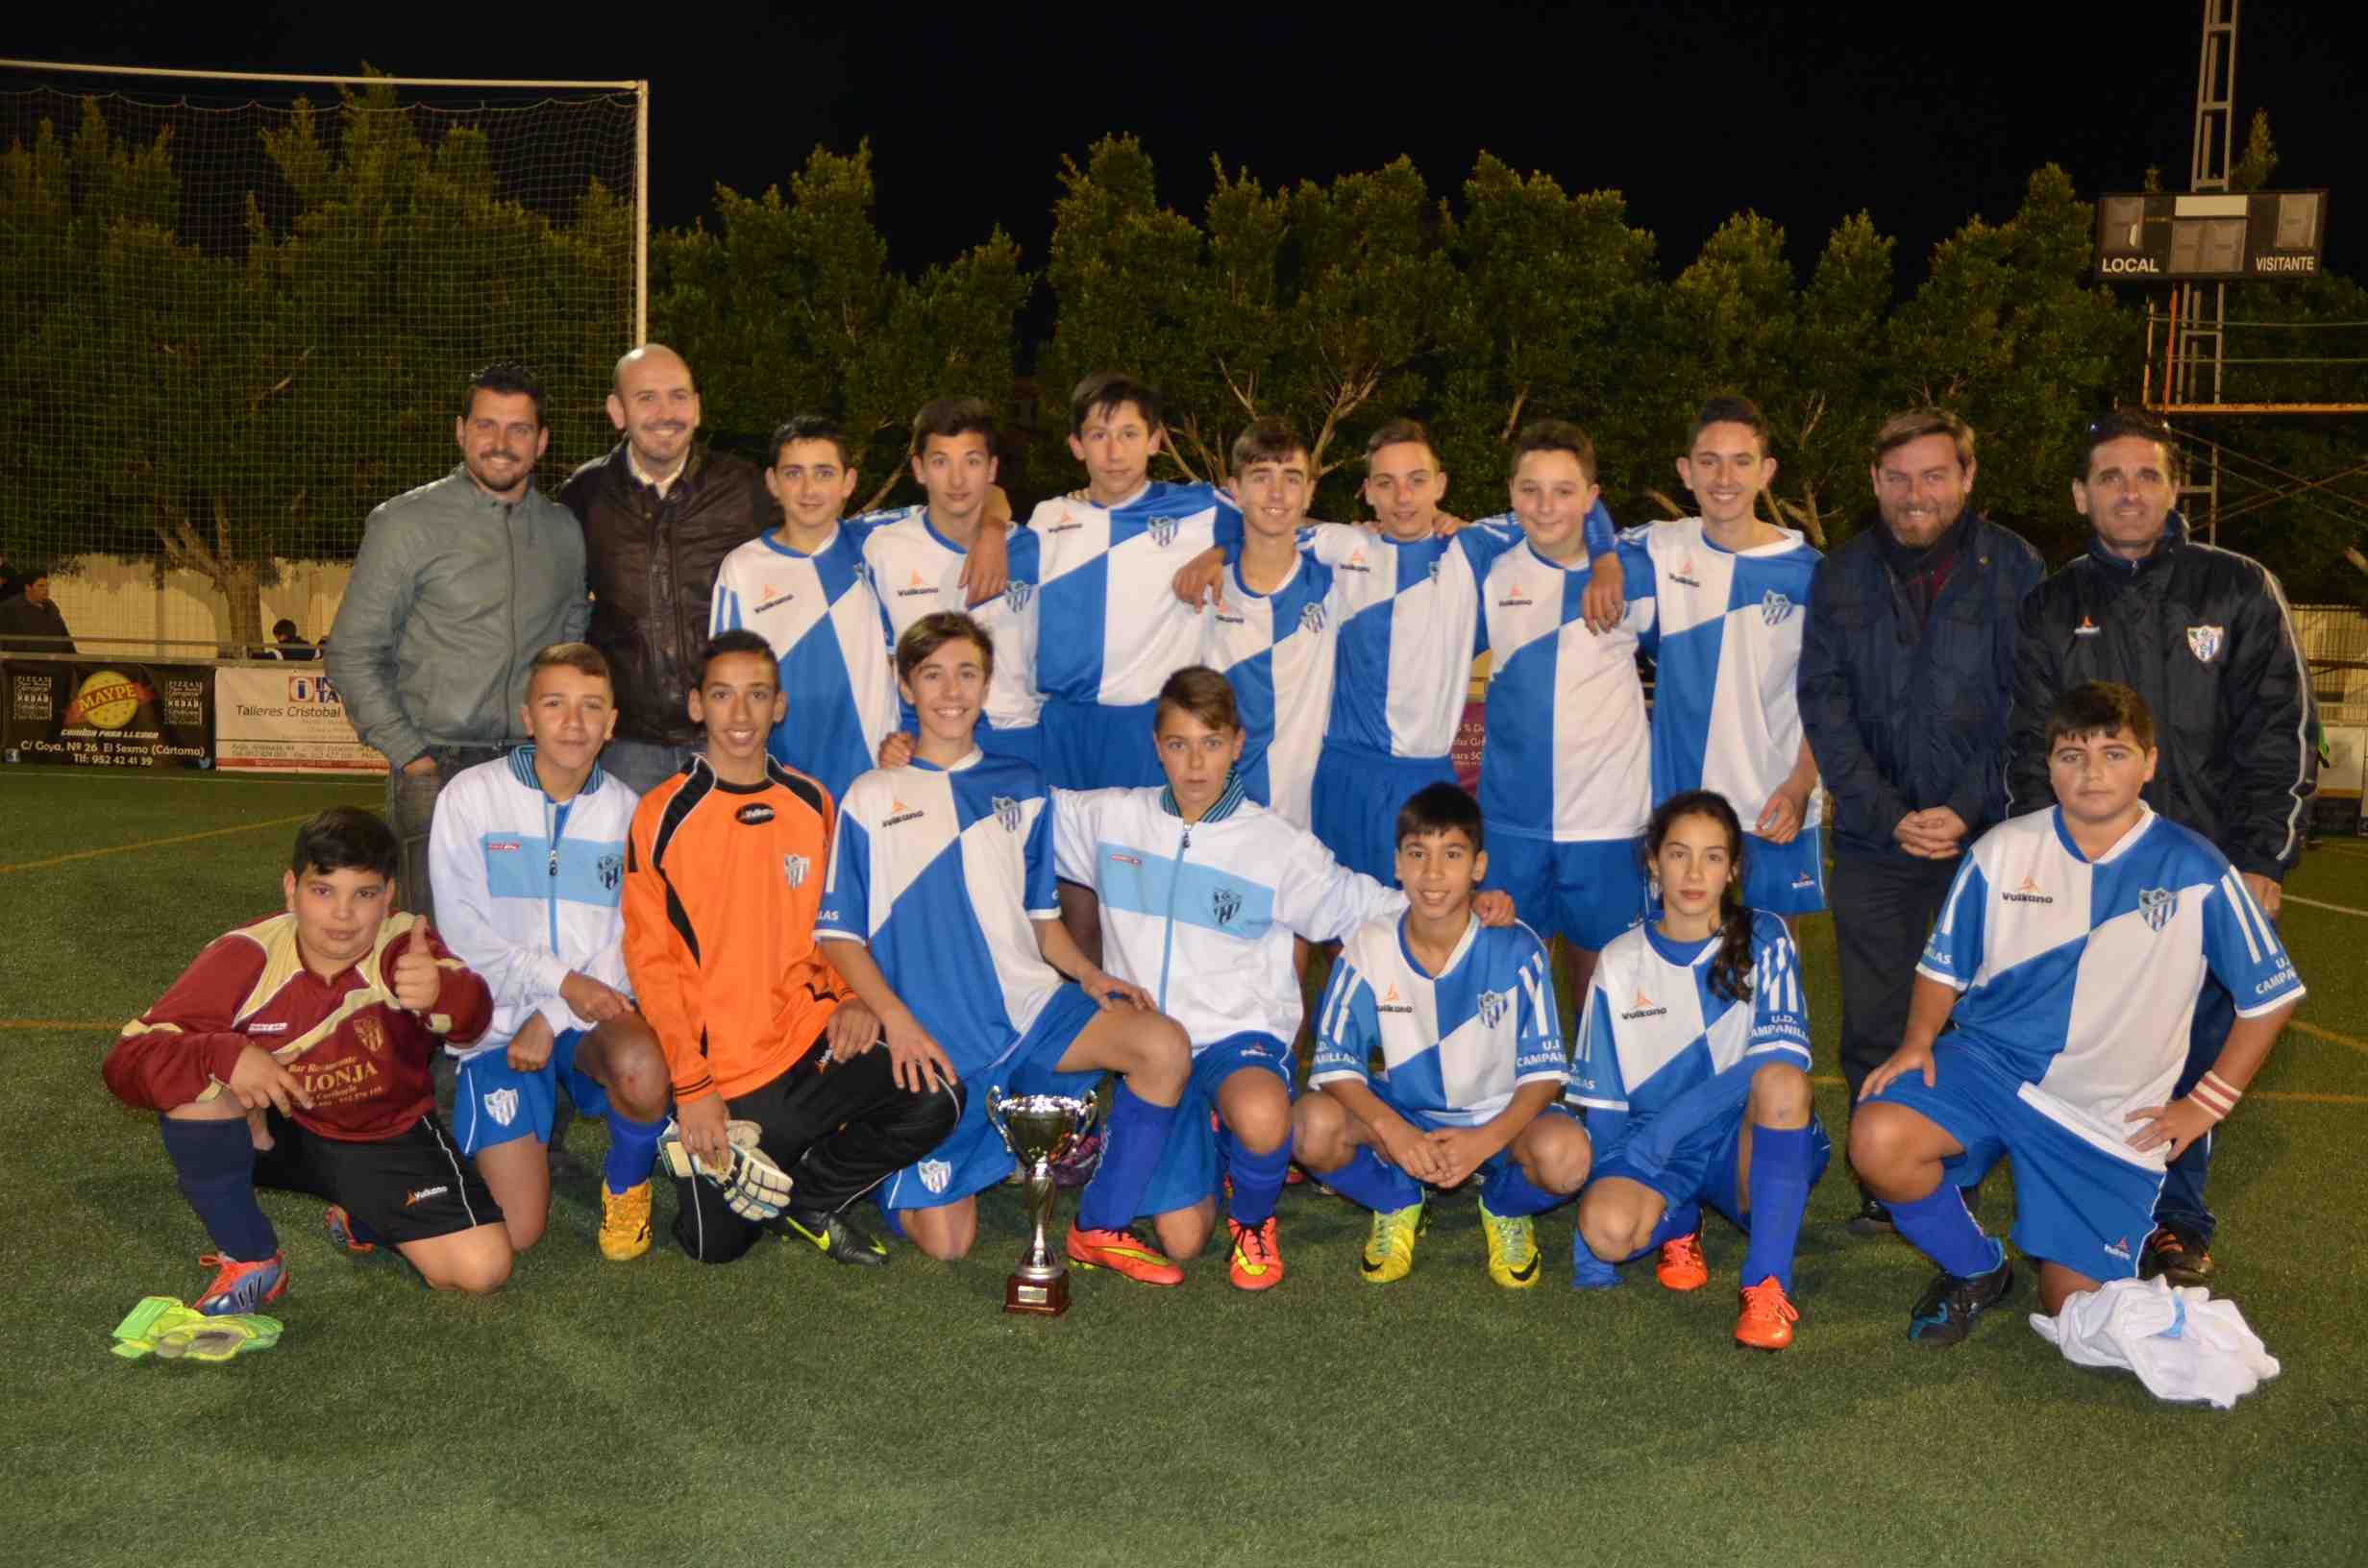 El campo de fútbol Antonio J. Mayo Cañamero acoge el Trofeo de Reyes